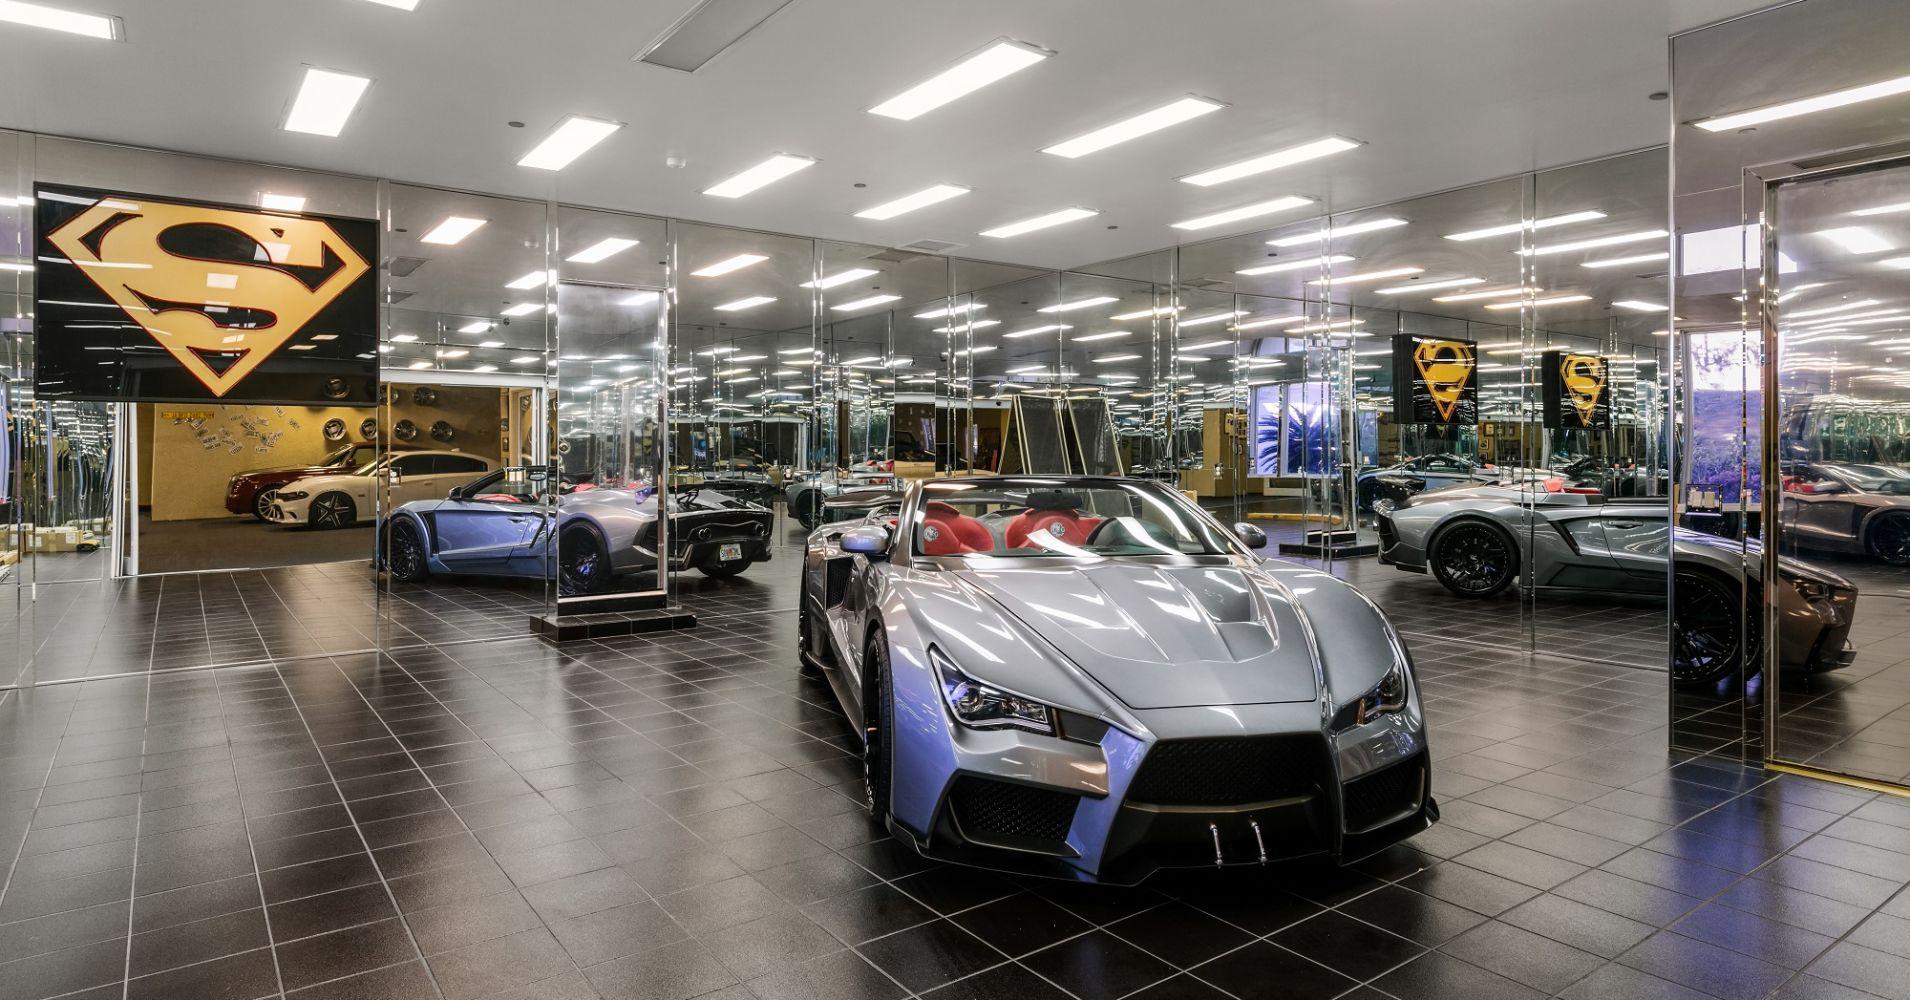 ... E uma garagem muito especial